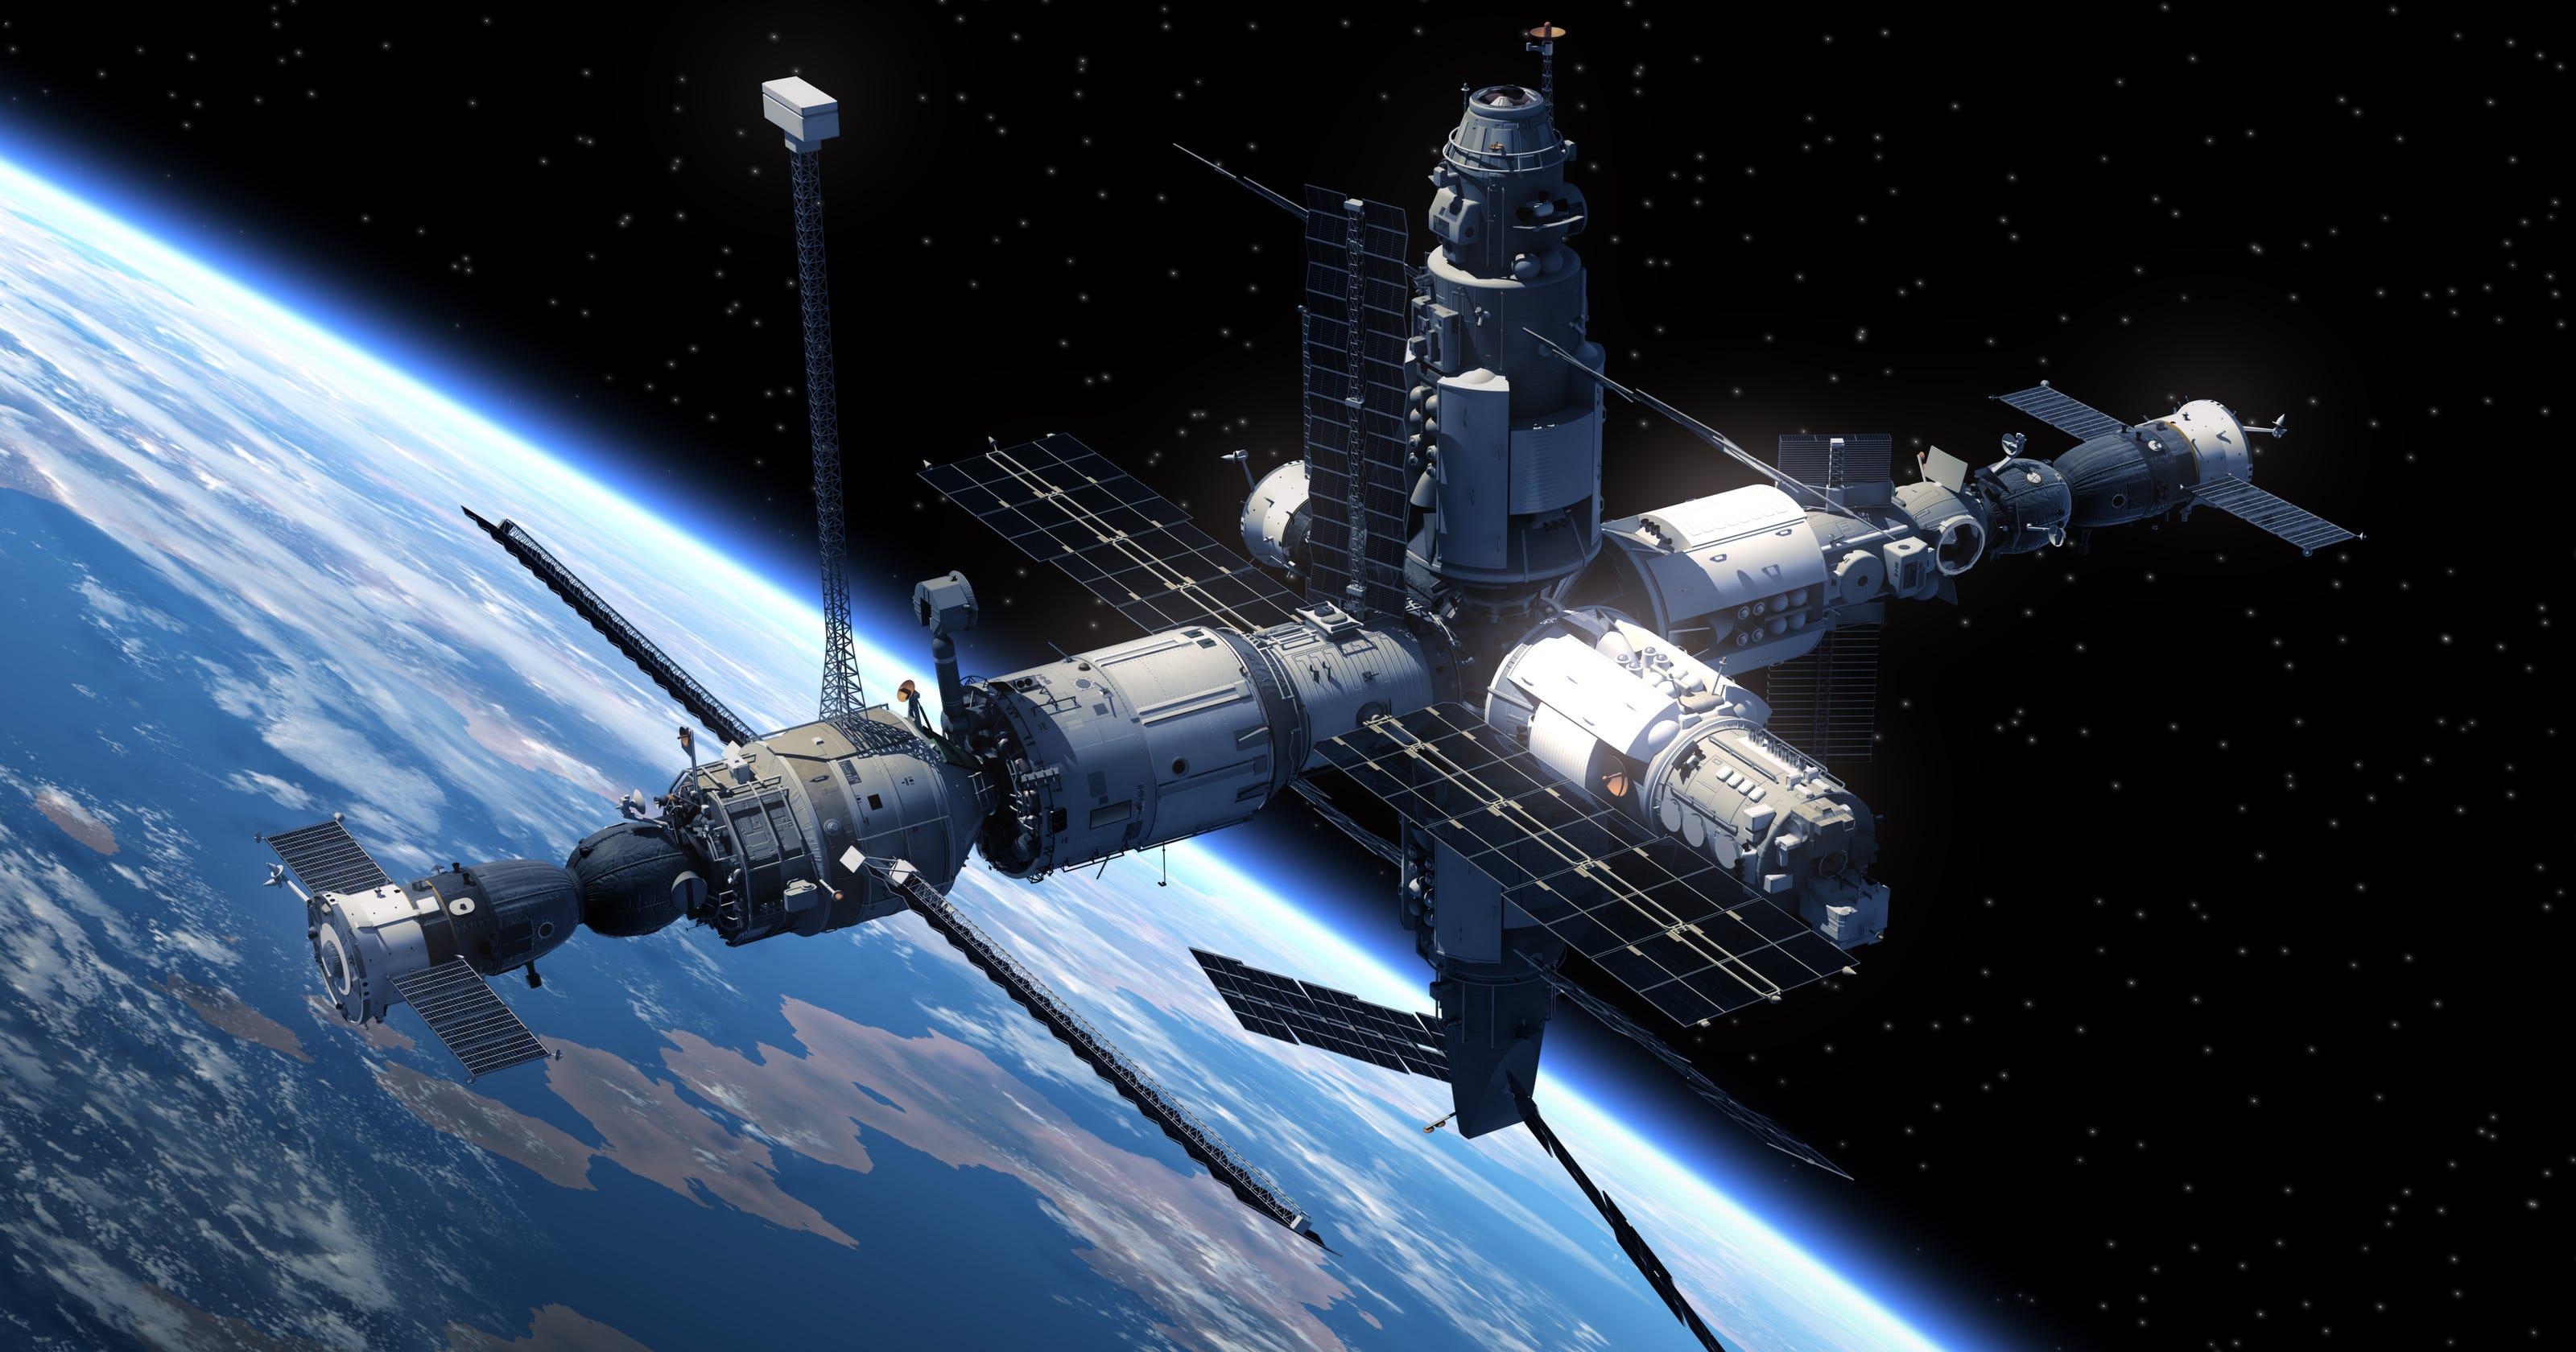 Kopernick Observatory plans summer camps